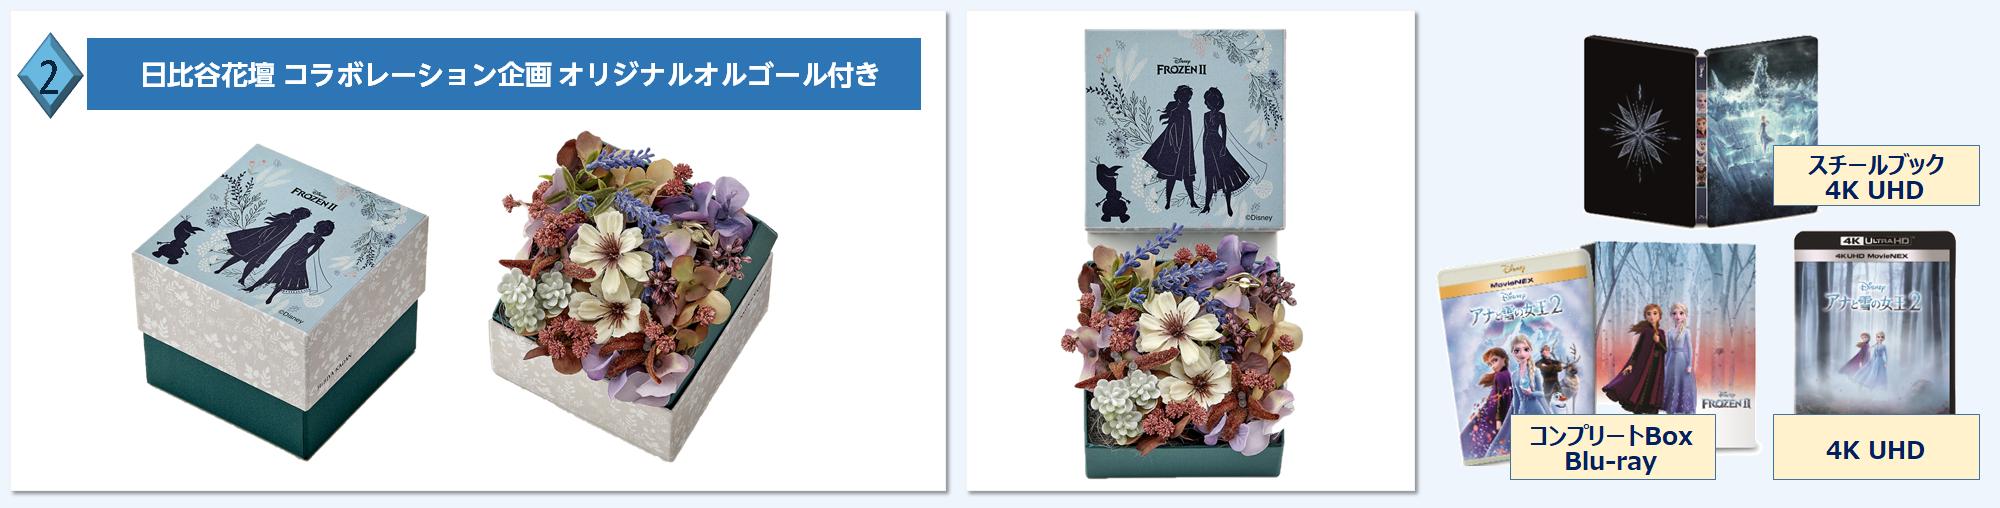 日比谷花壇オリジナルオルゴール付